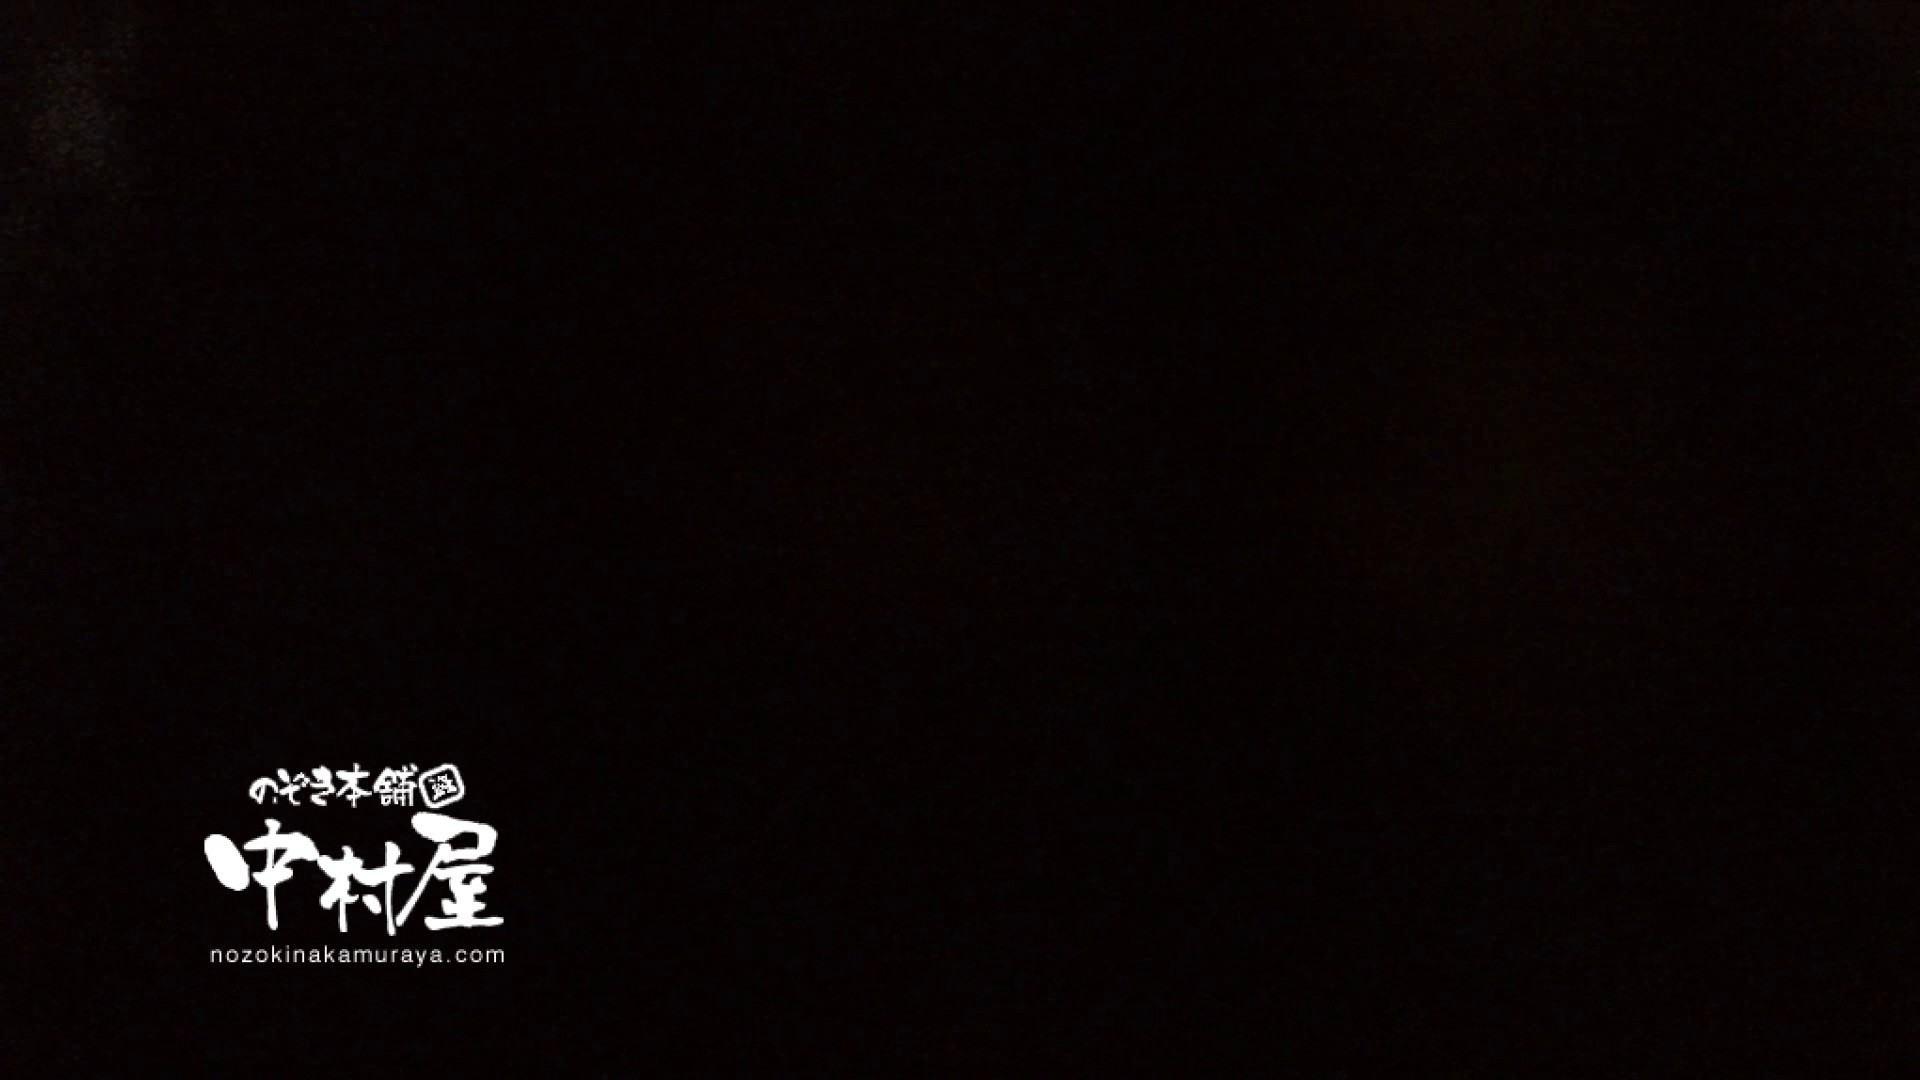 鬼畜 vol.14 小生意気なおなごにはペナルティー 後編 0  97連発 81